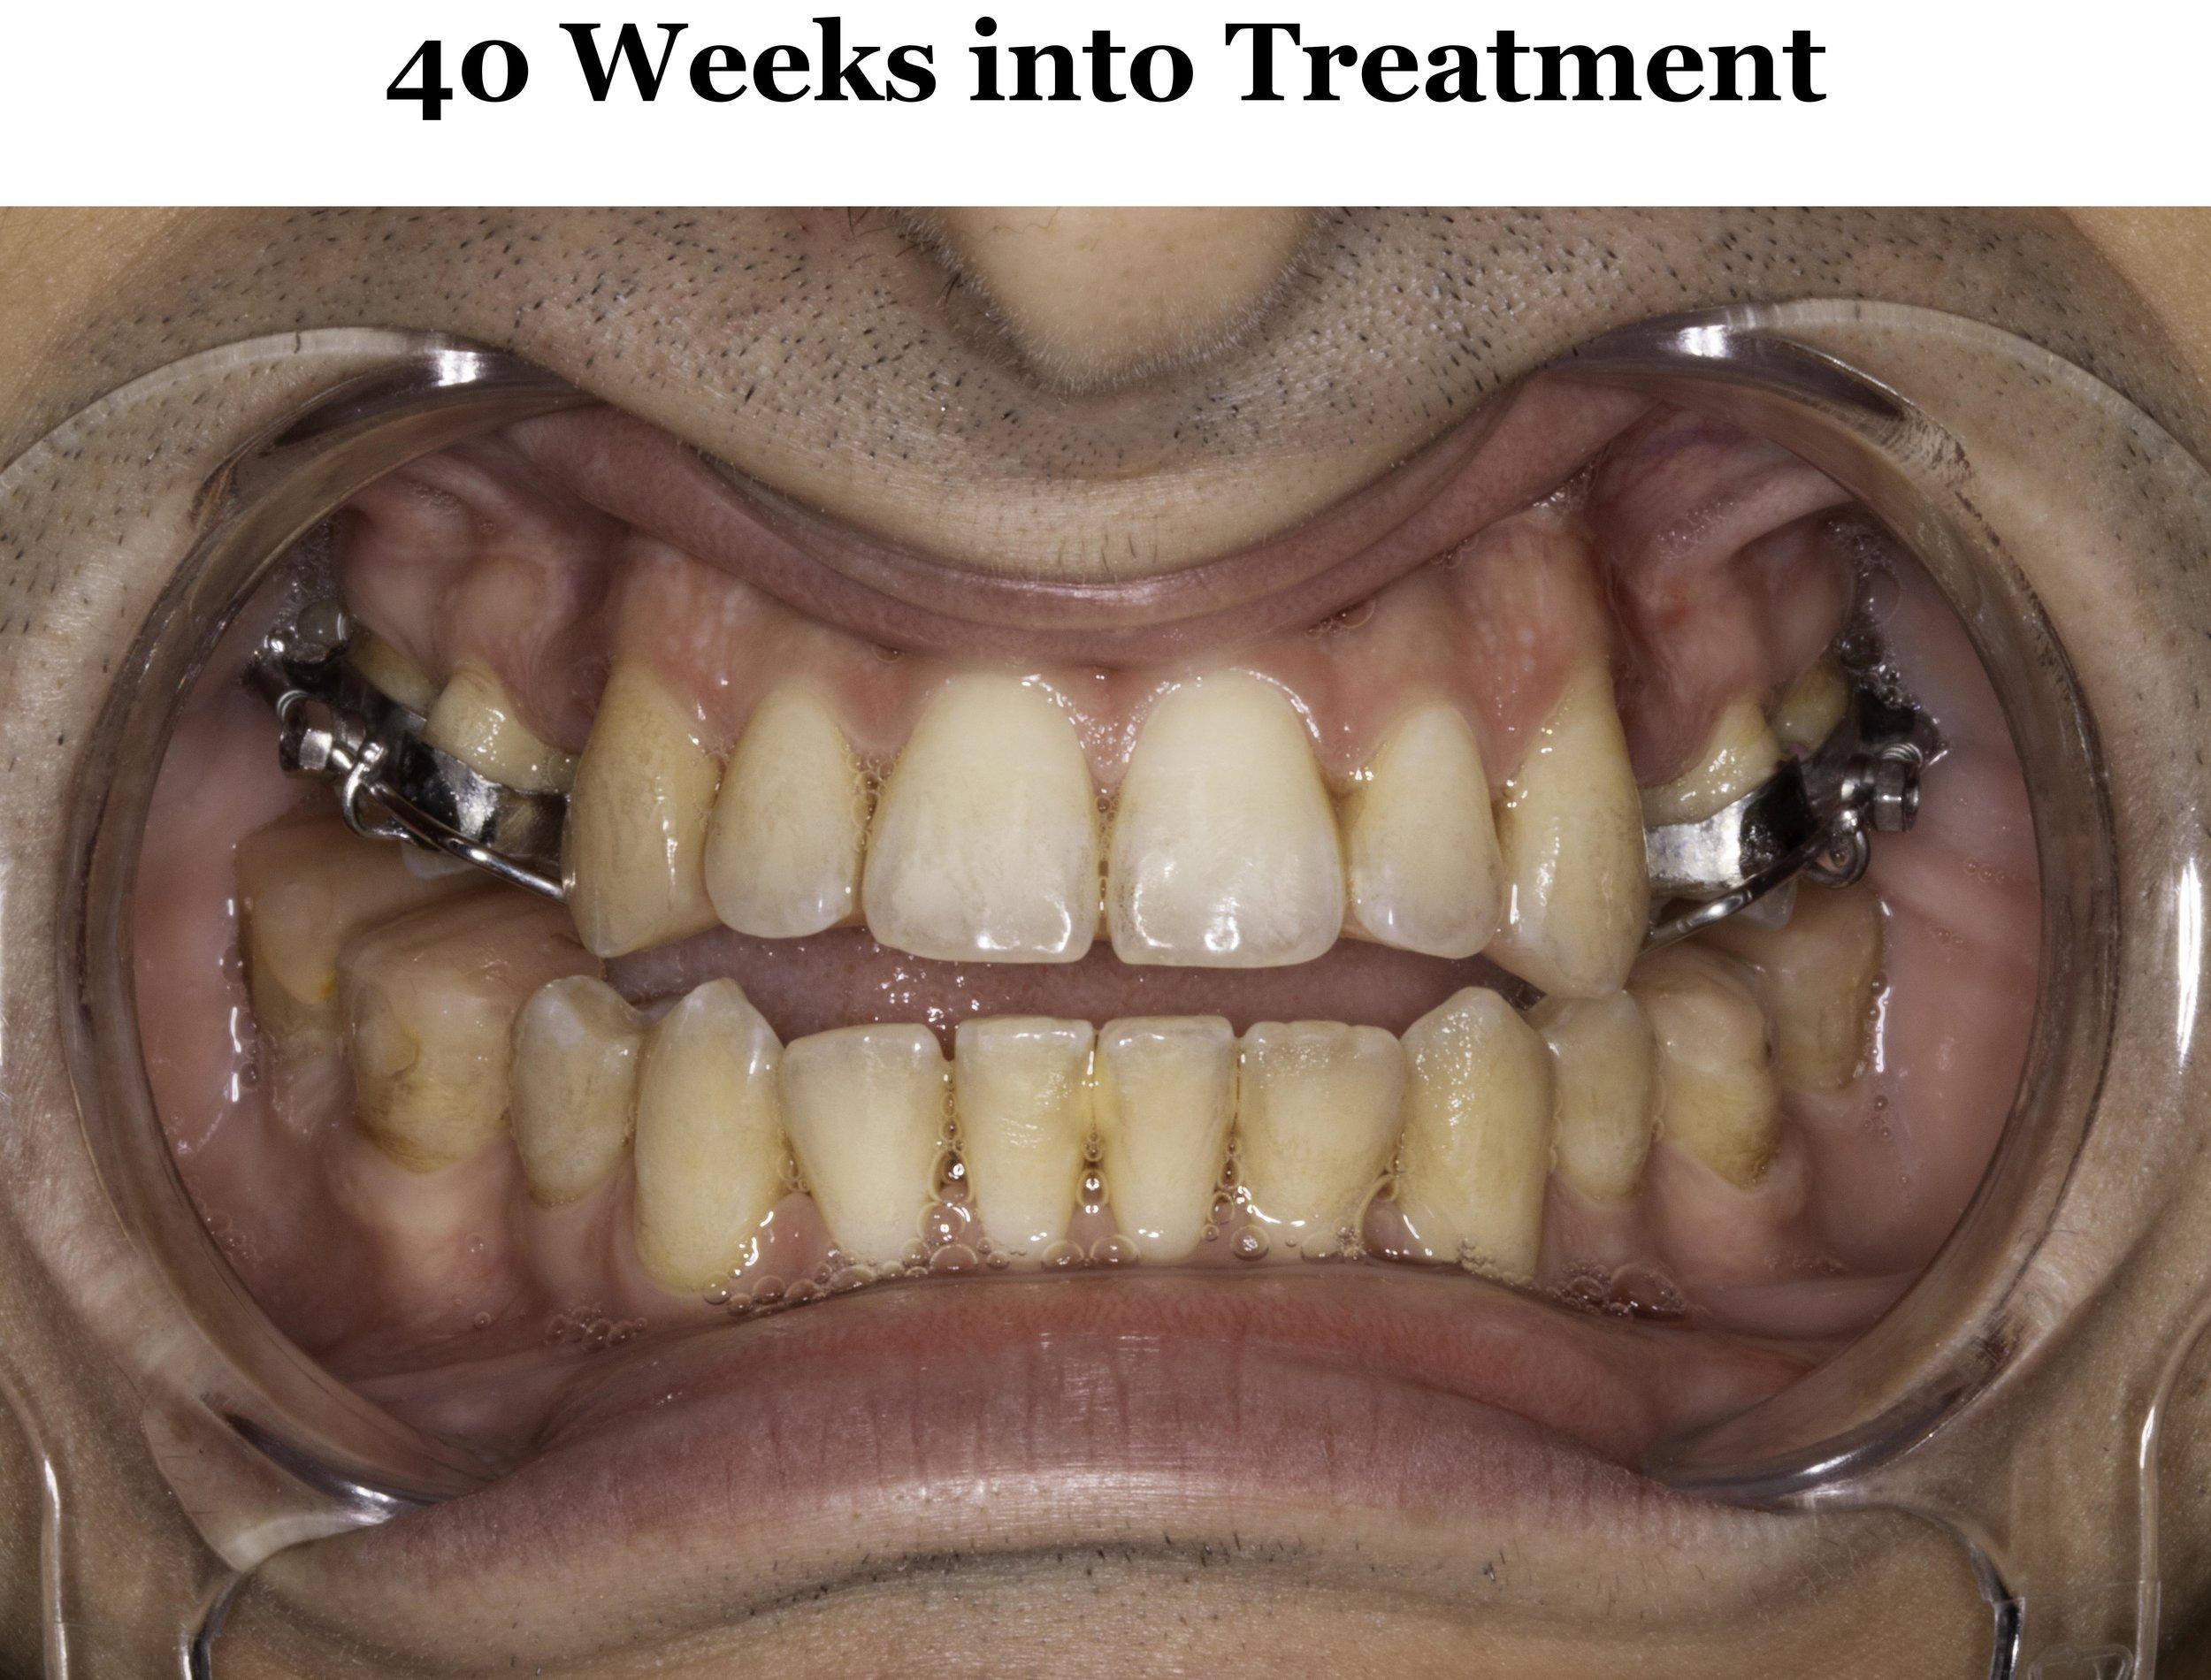 40 Weeks Occlusion.jpg